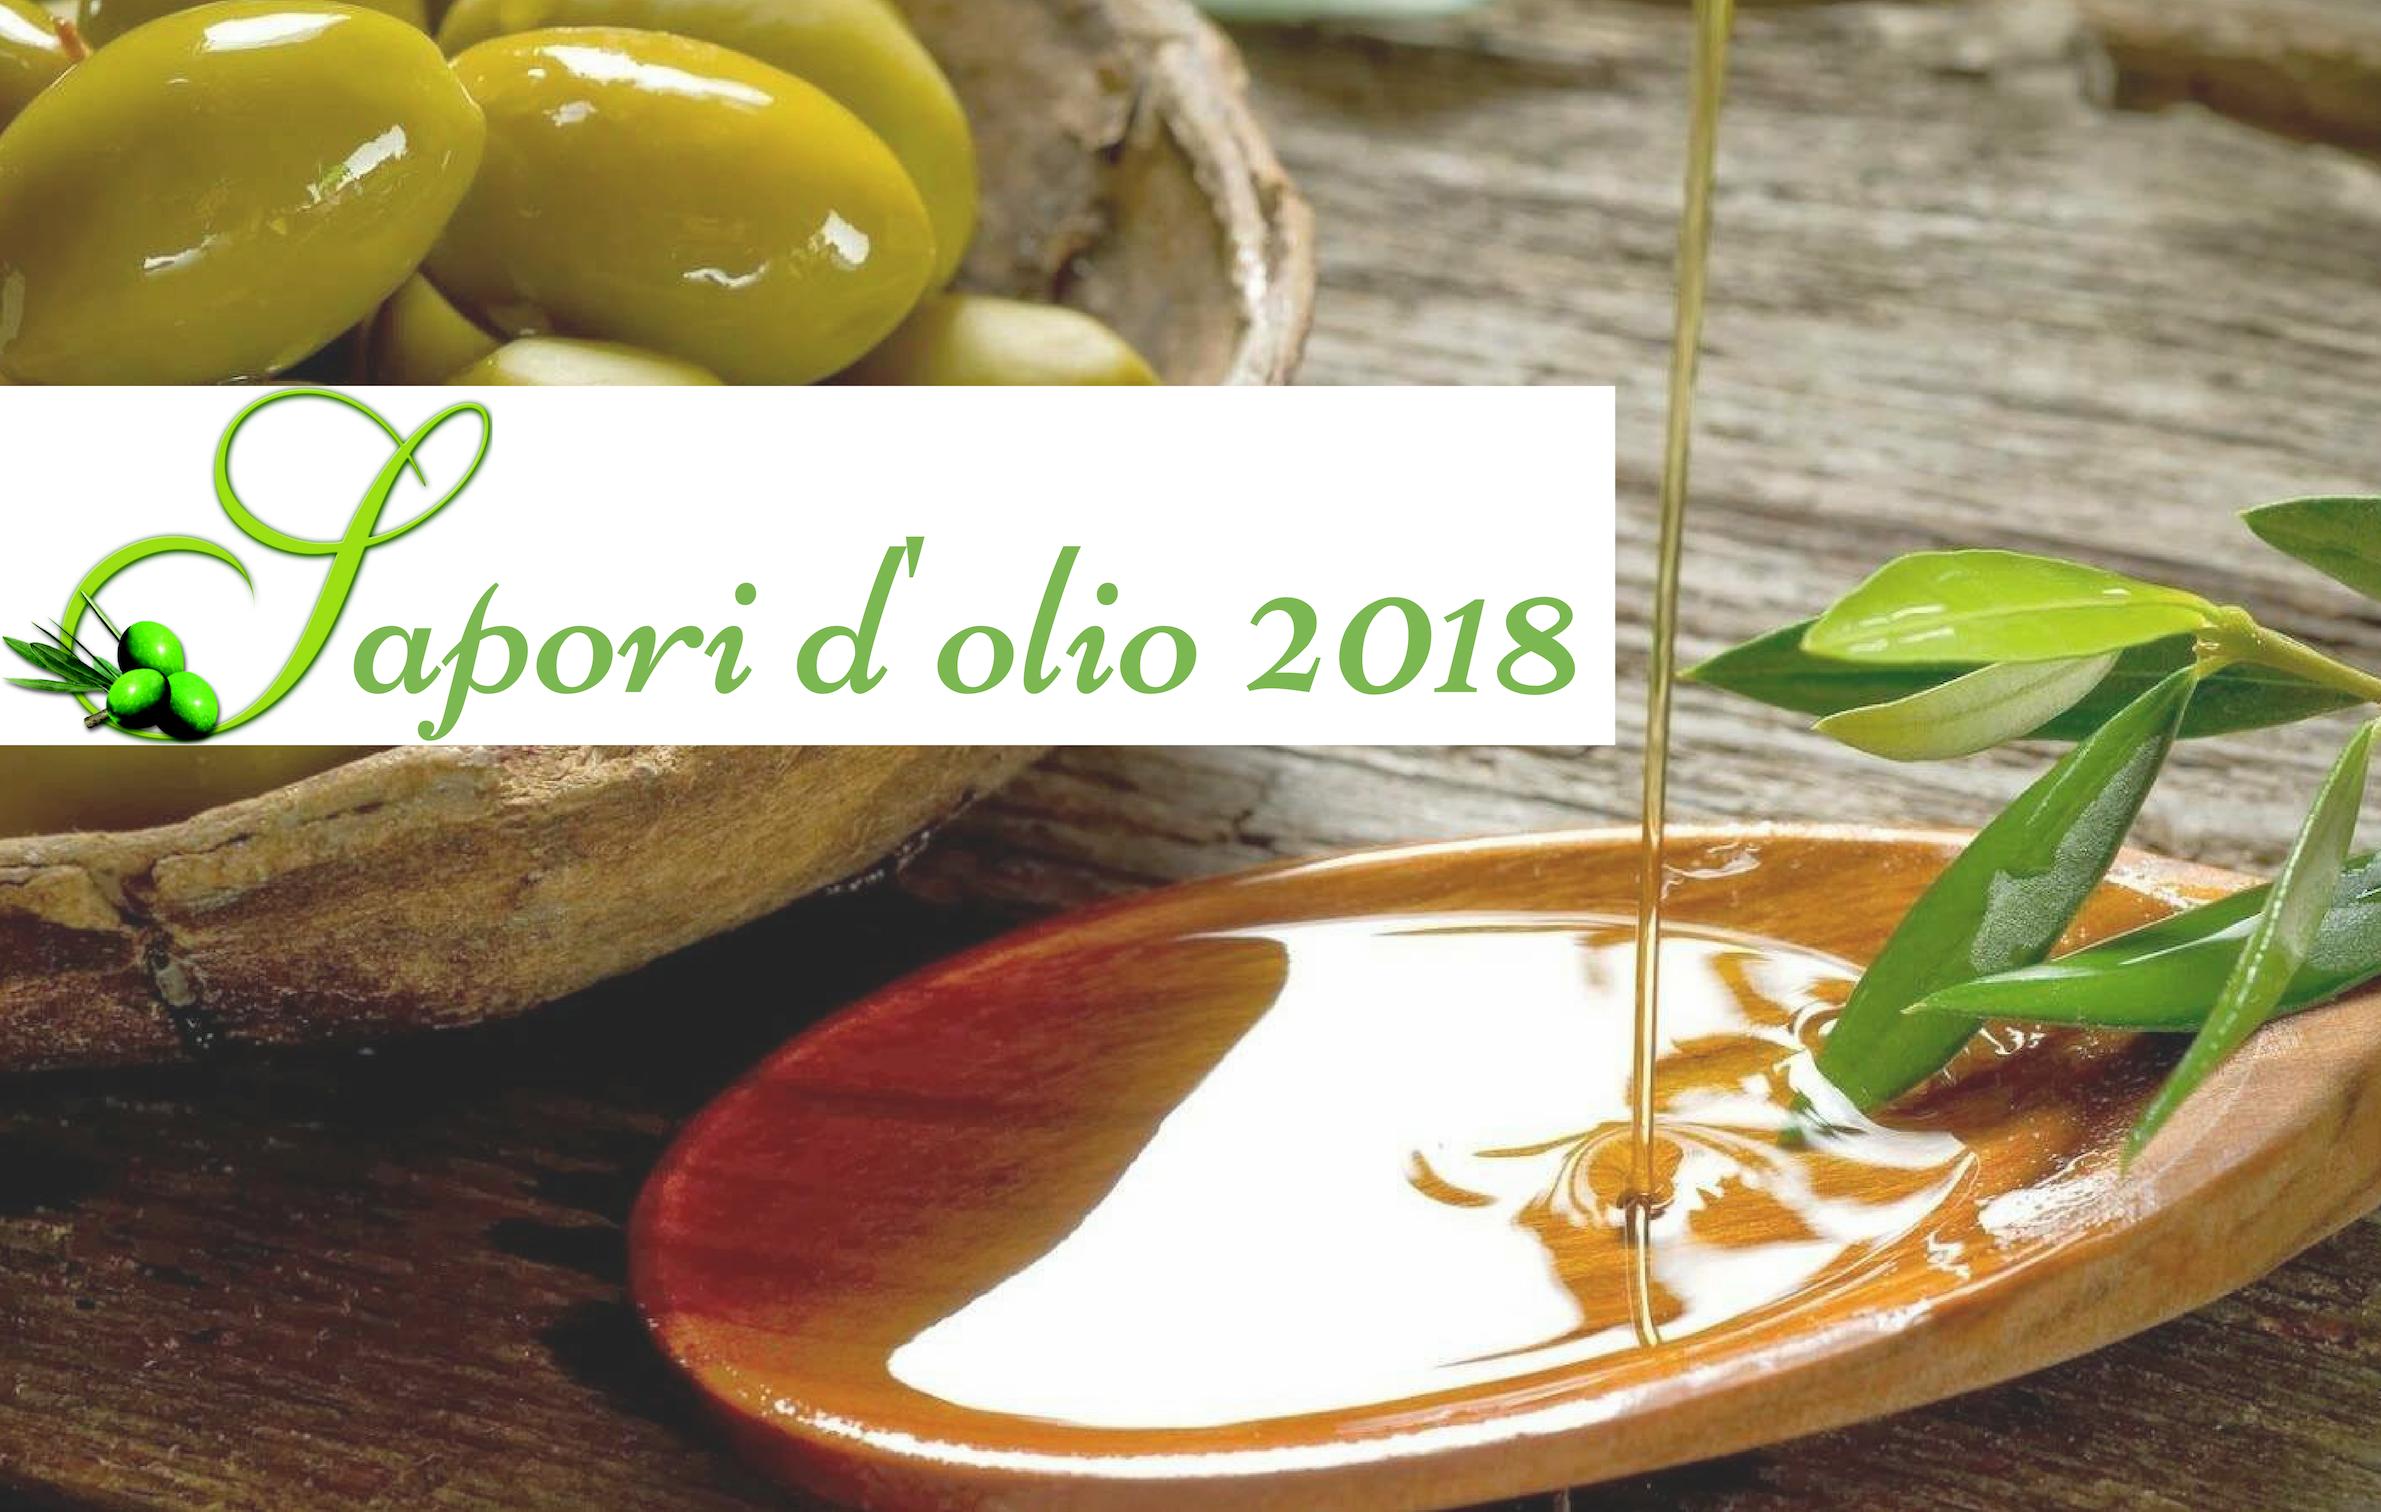 sapori d'olio